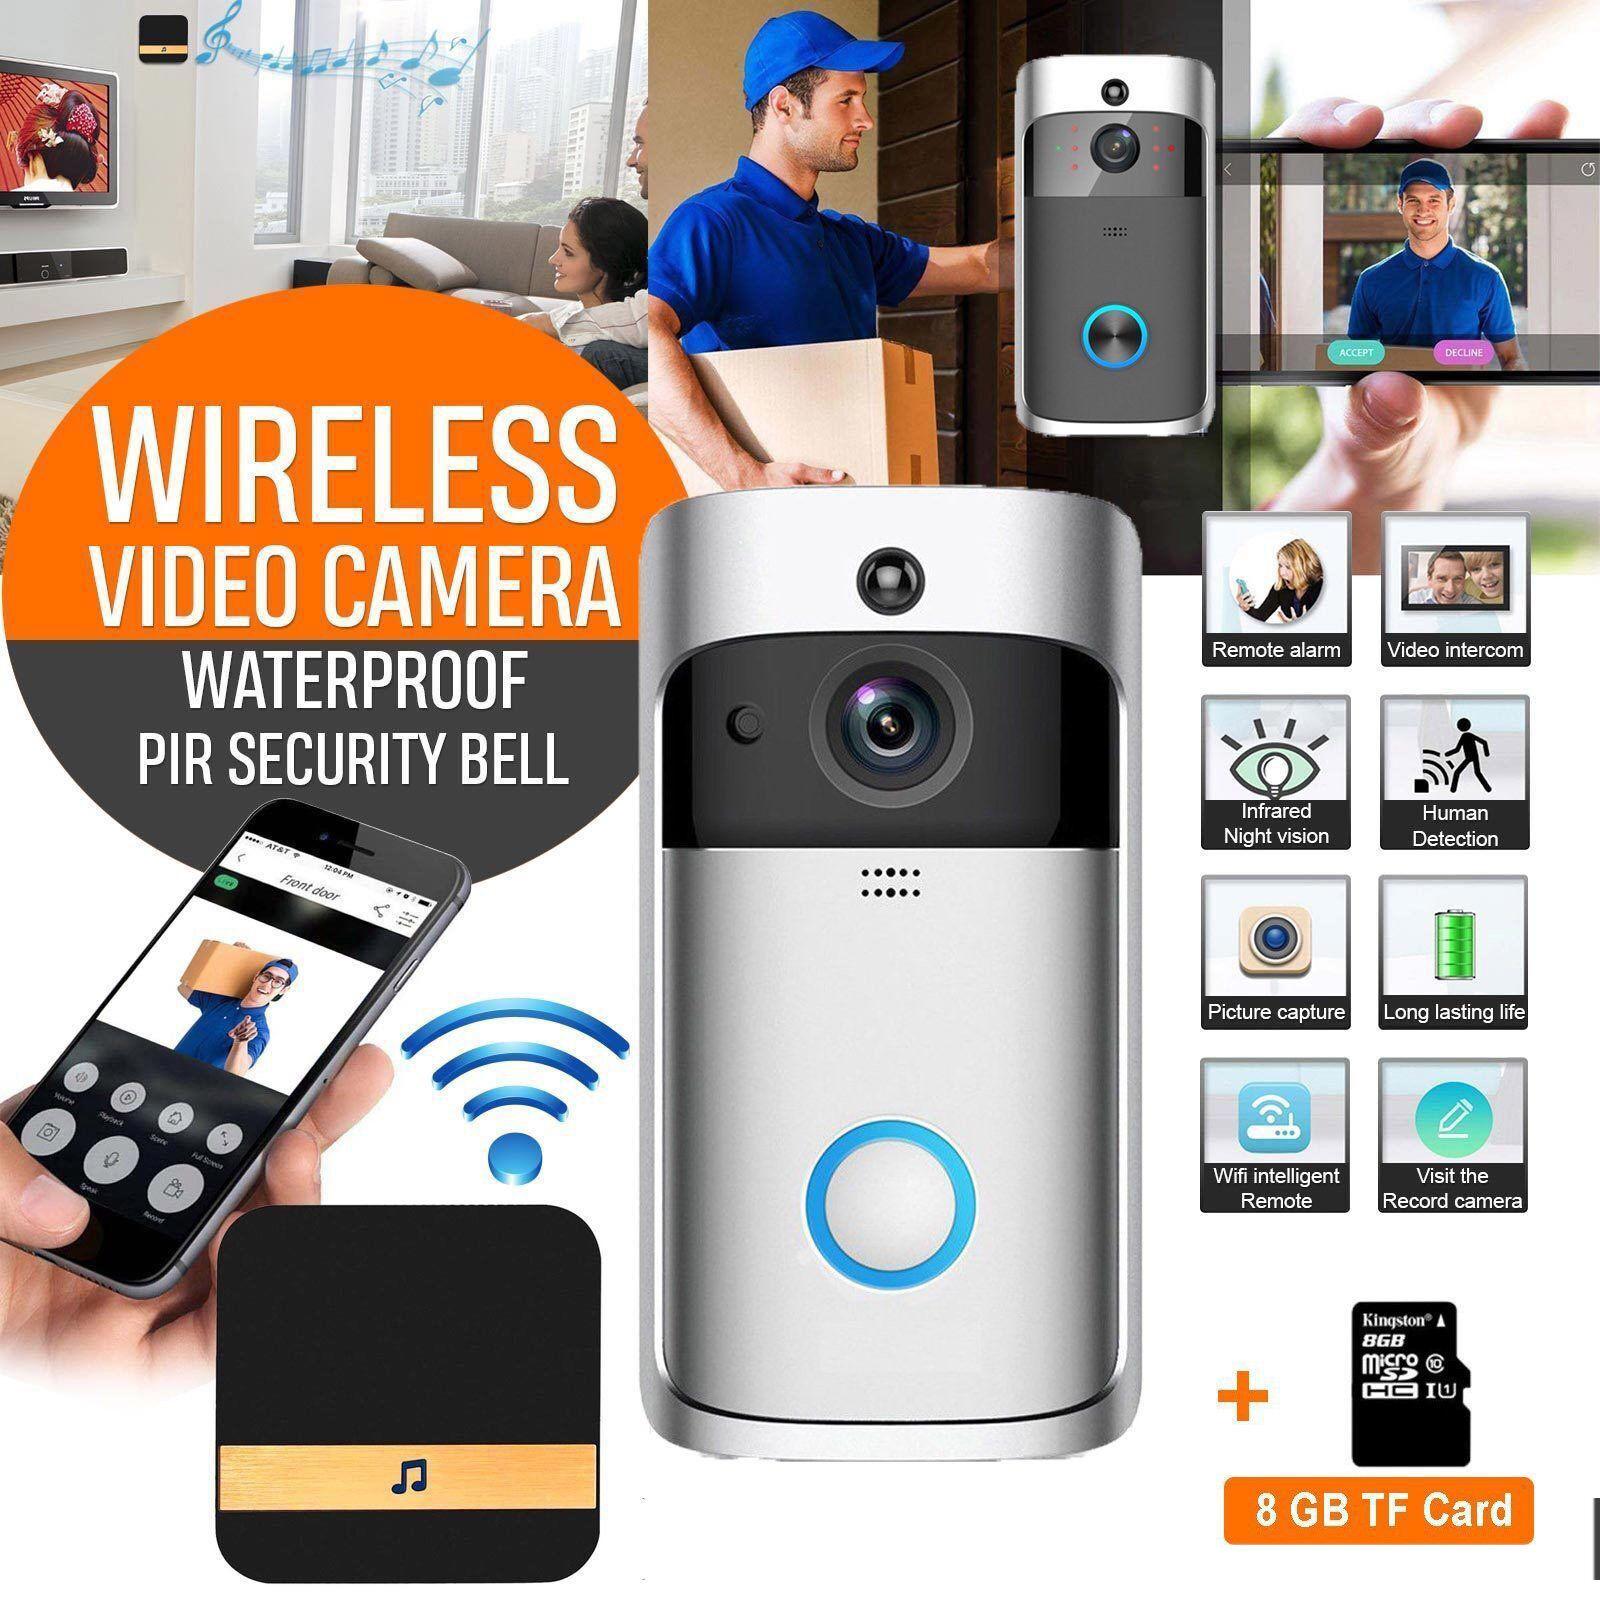 WiFi Wireless Video Doorbell 8G Two-Way Talk Smart Door Bell Security Camera US